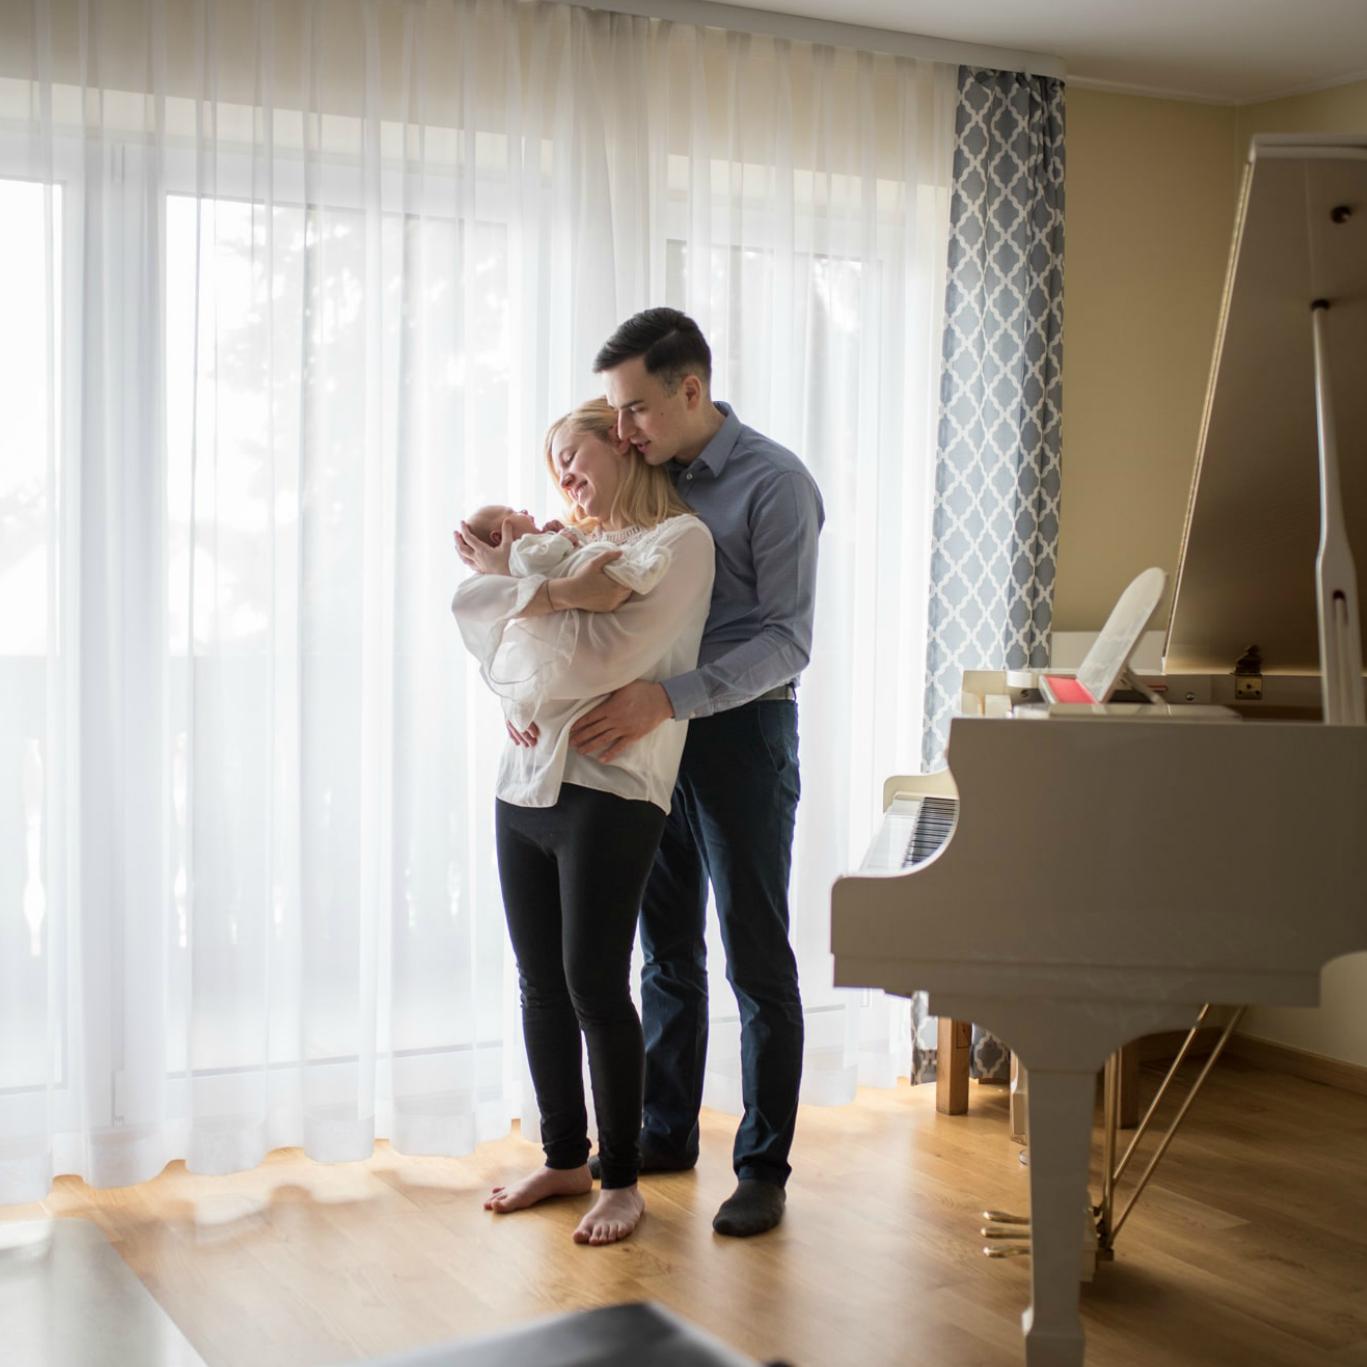 Rodzice w domu przy oknie trzymają noworodka